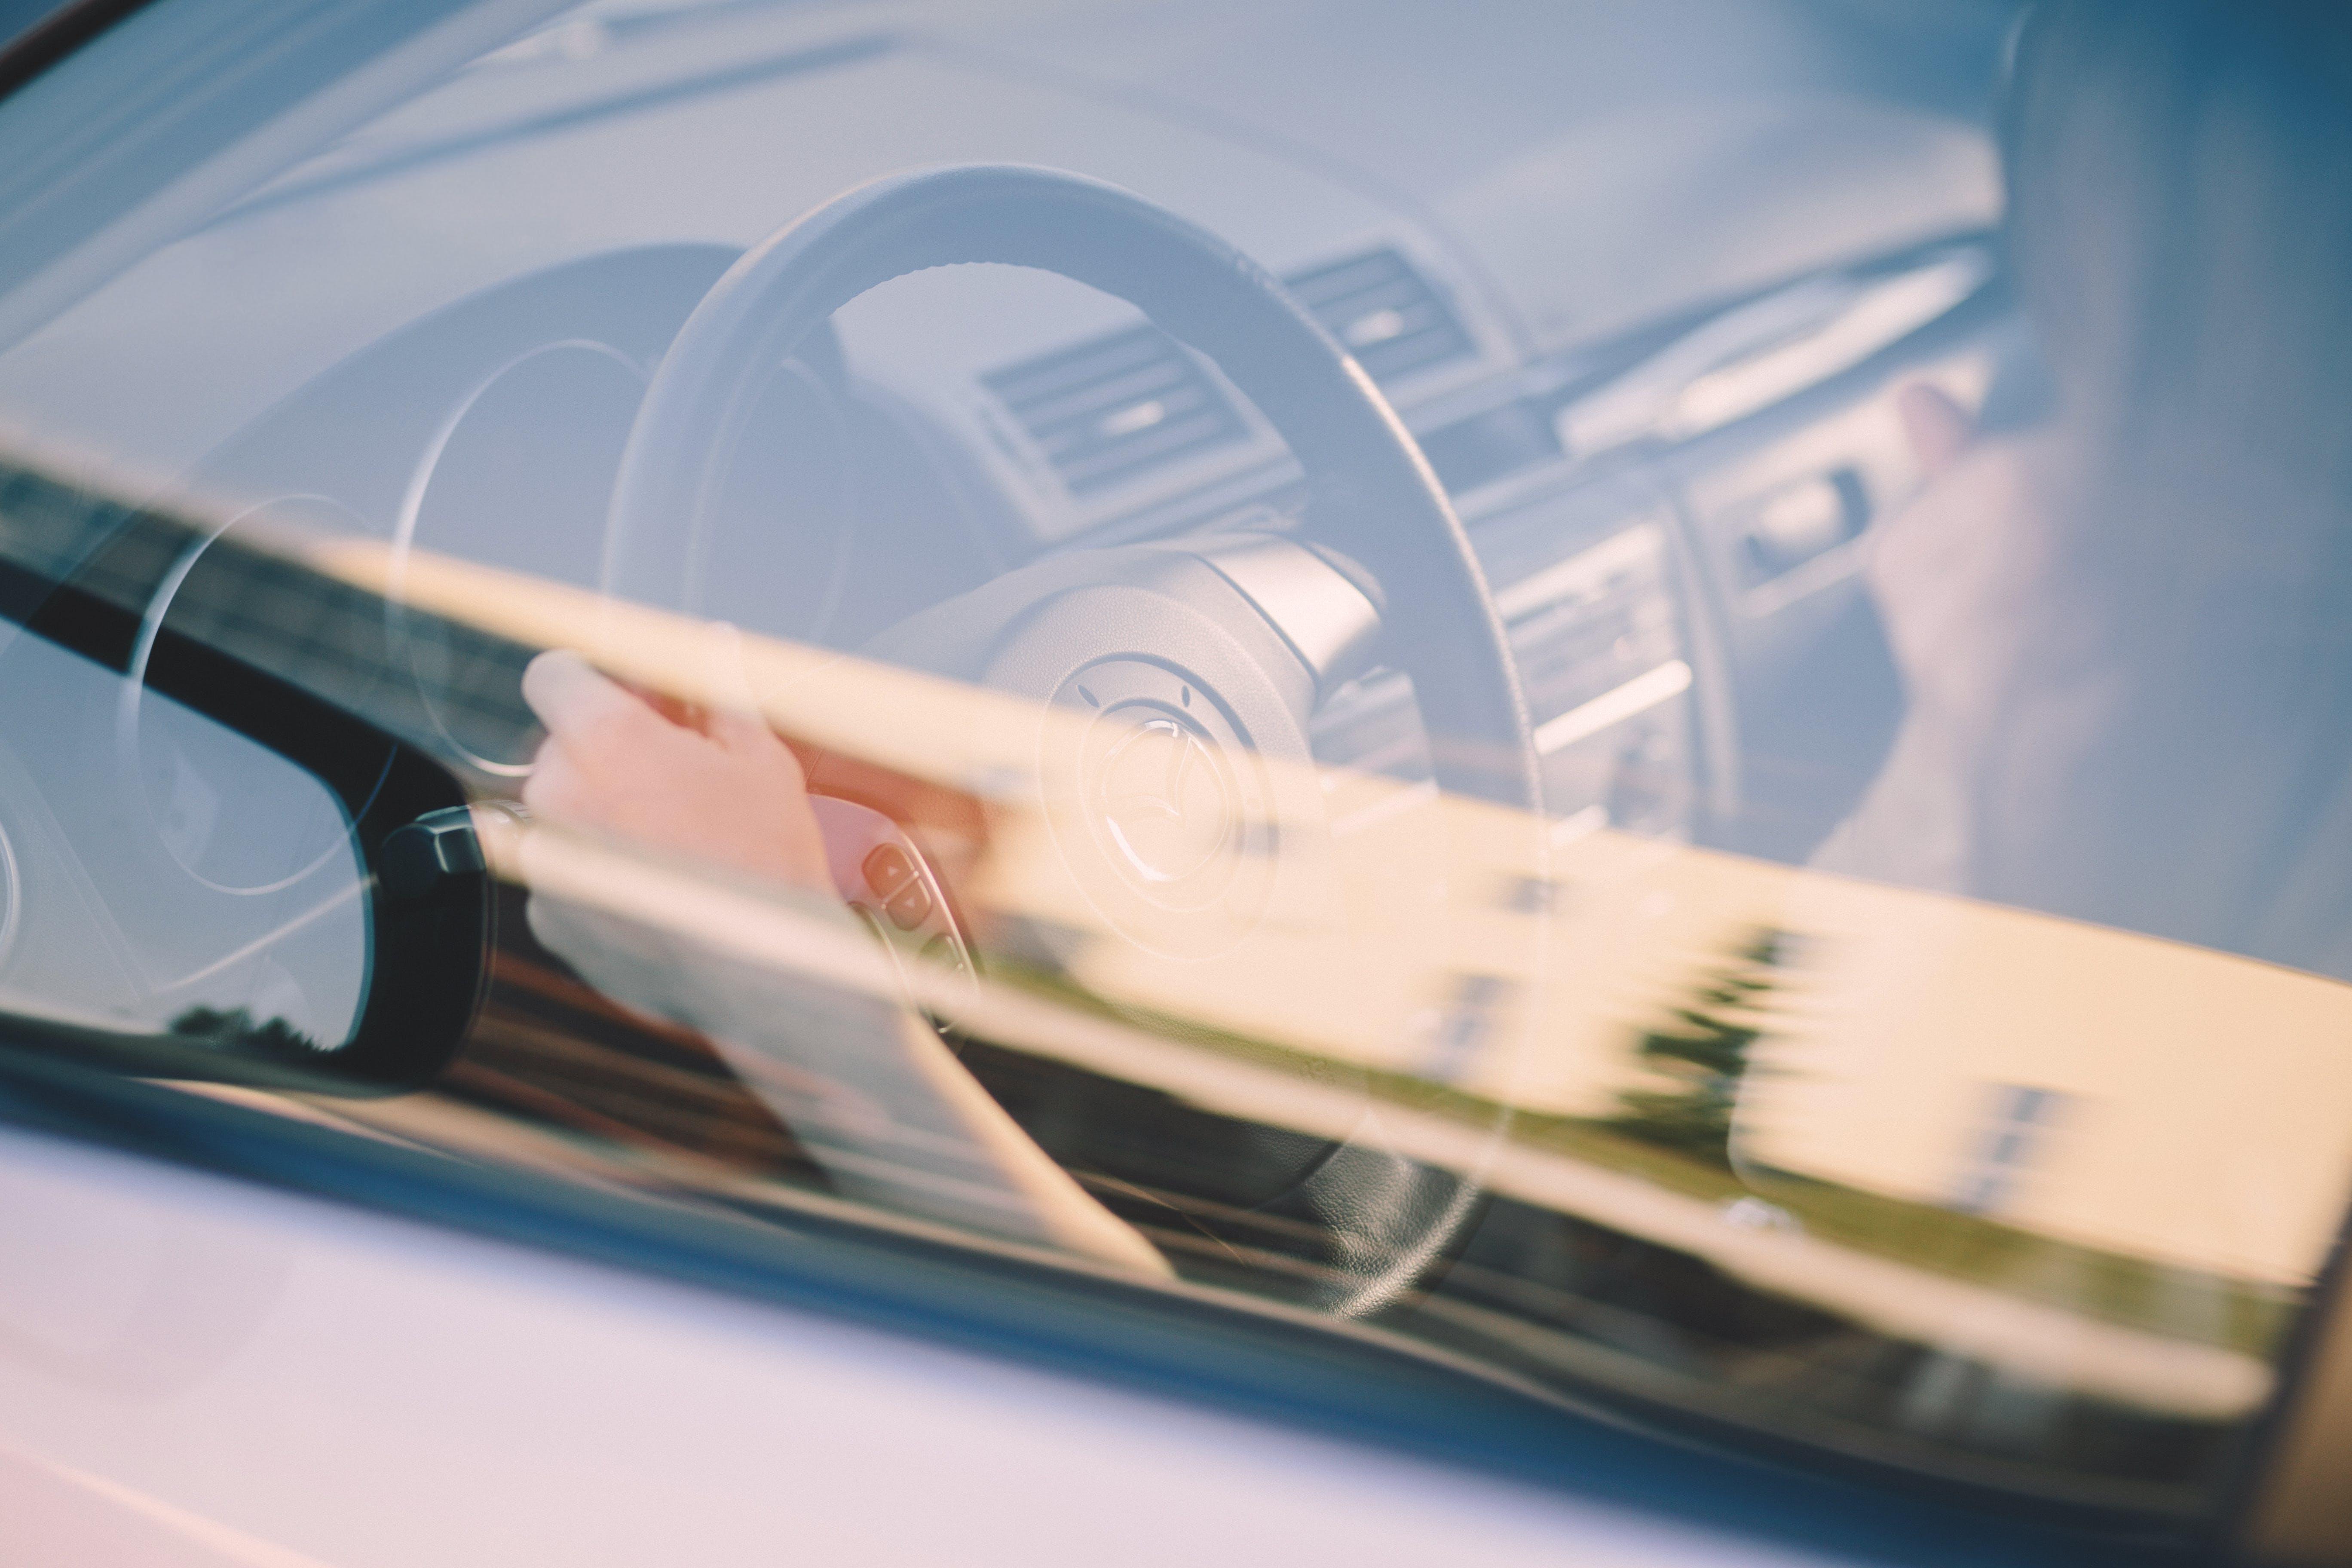 Steering Wheel Behind Vehicle Window